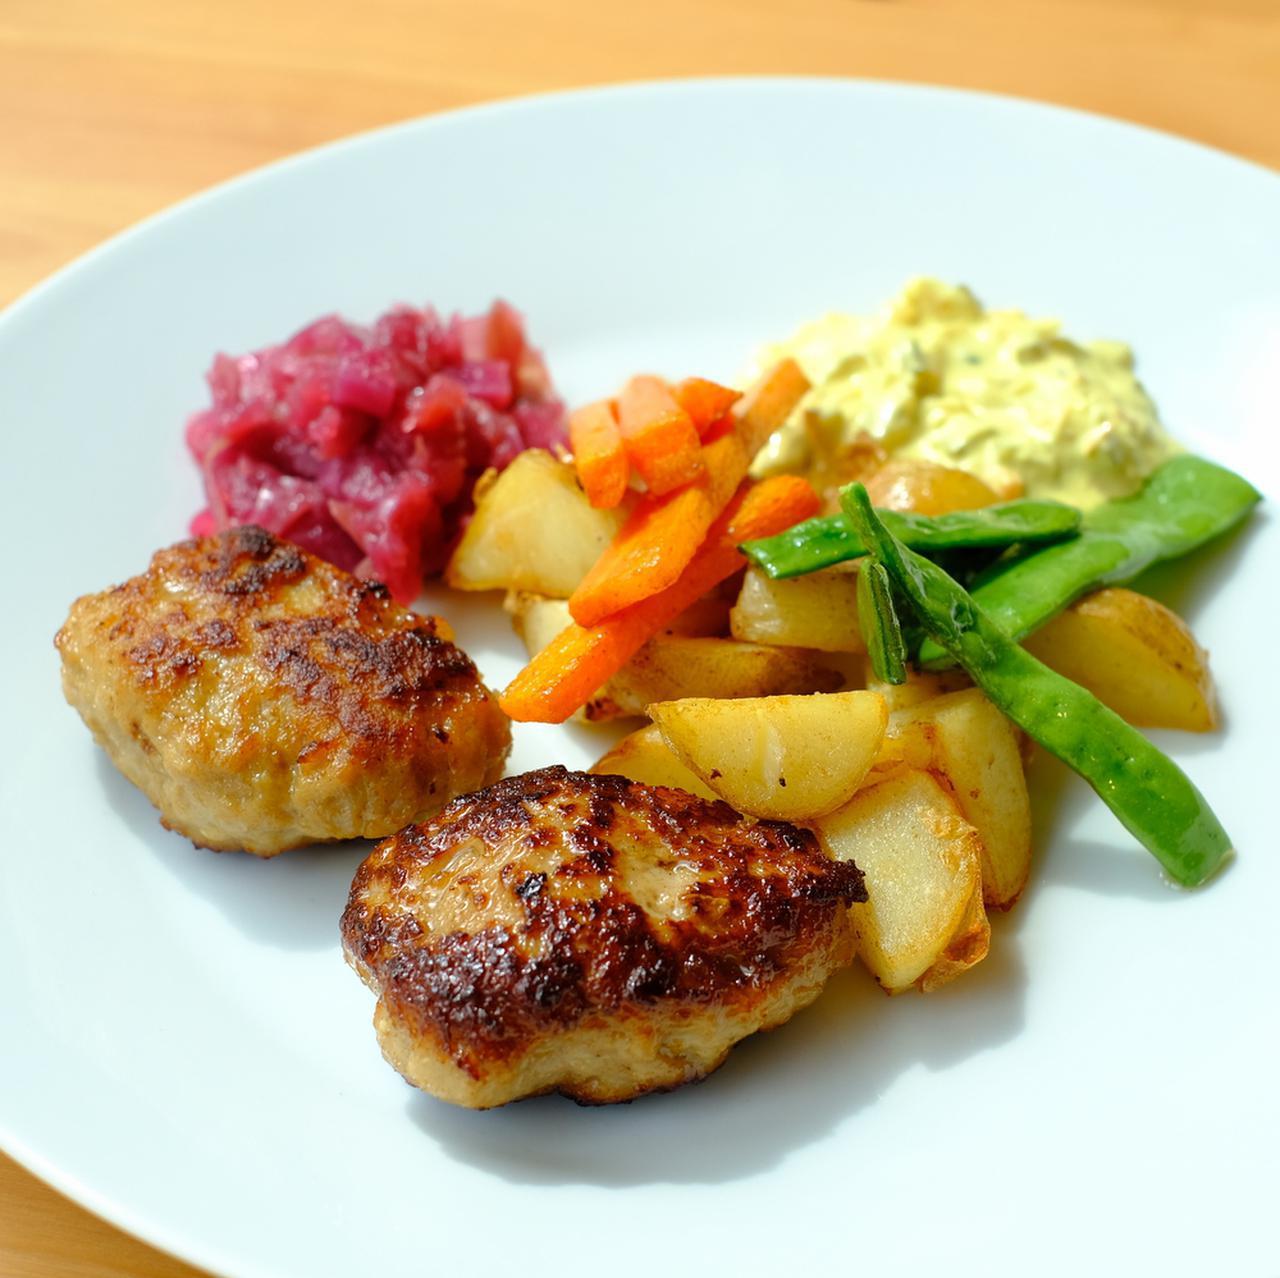 画像: デンマークの家庭料理、ミートボール。デンマークはひき肉に豚肉を使います。旨味が閉じ込められていておいしい!